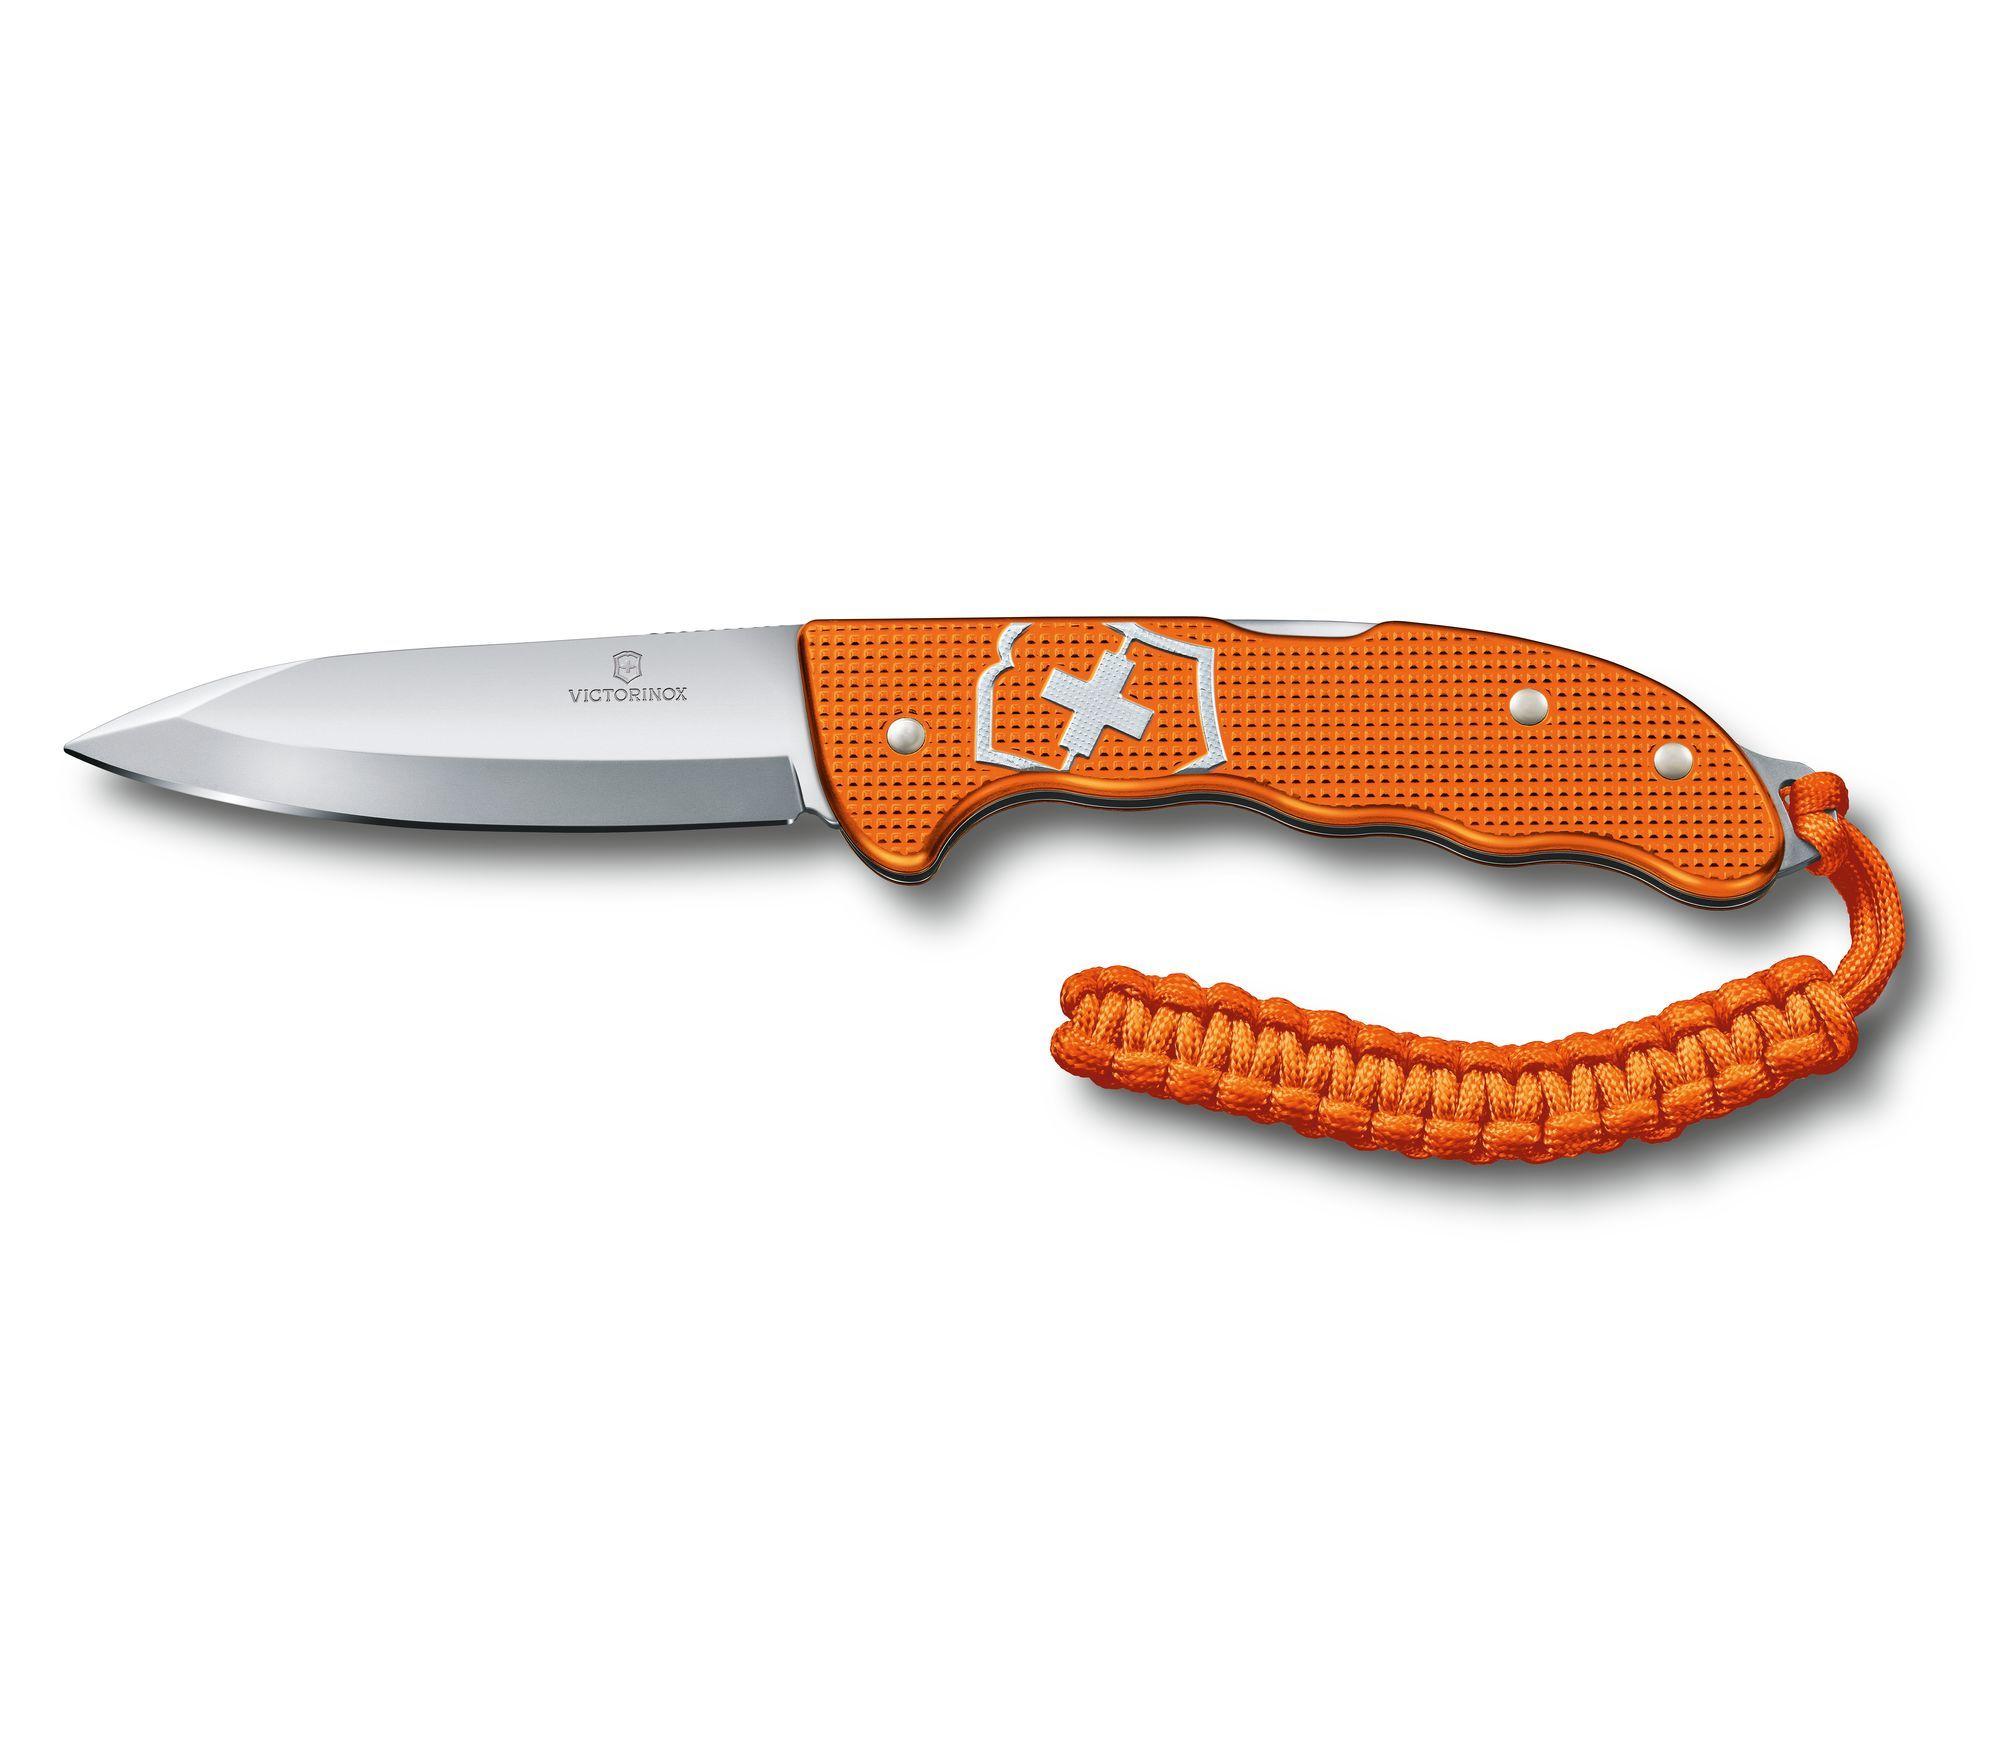 Складной швейцарский нож Victorinox Hunter Pro Alox Limited Edition 2021, цвет оранжевый (0.9415.L21) лимитированное издание   Wenger-Victorinox.Ru